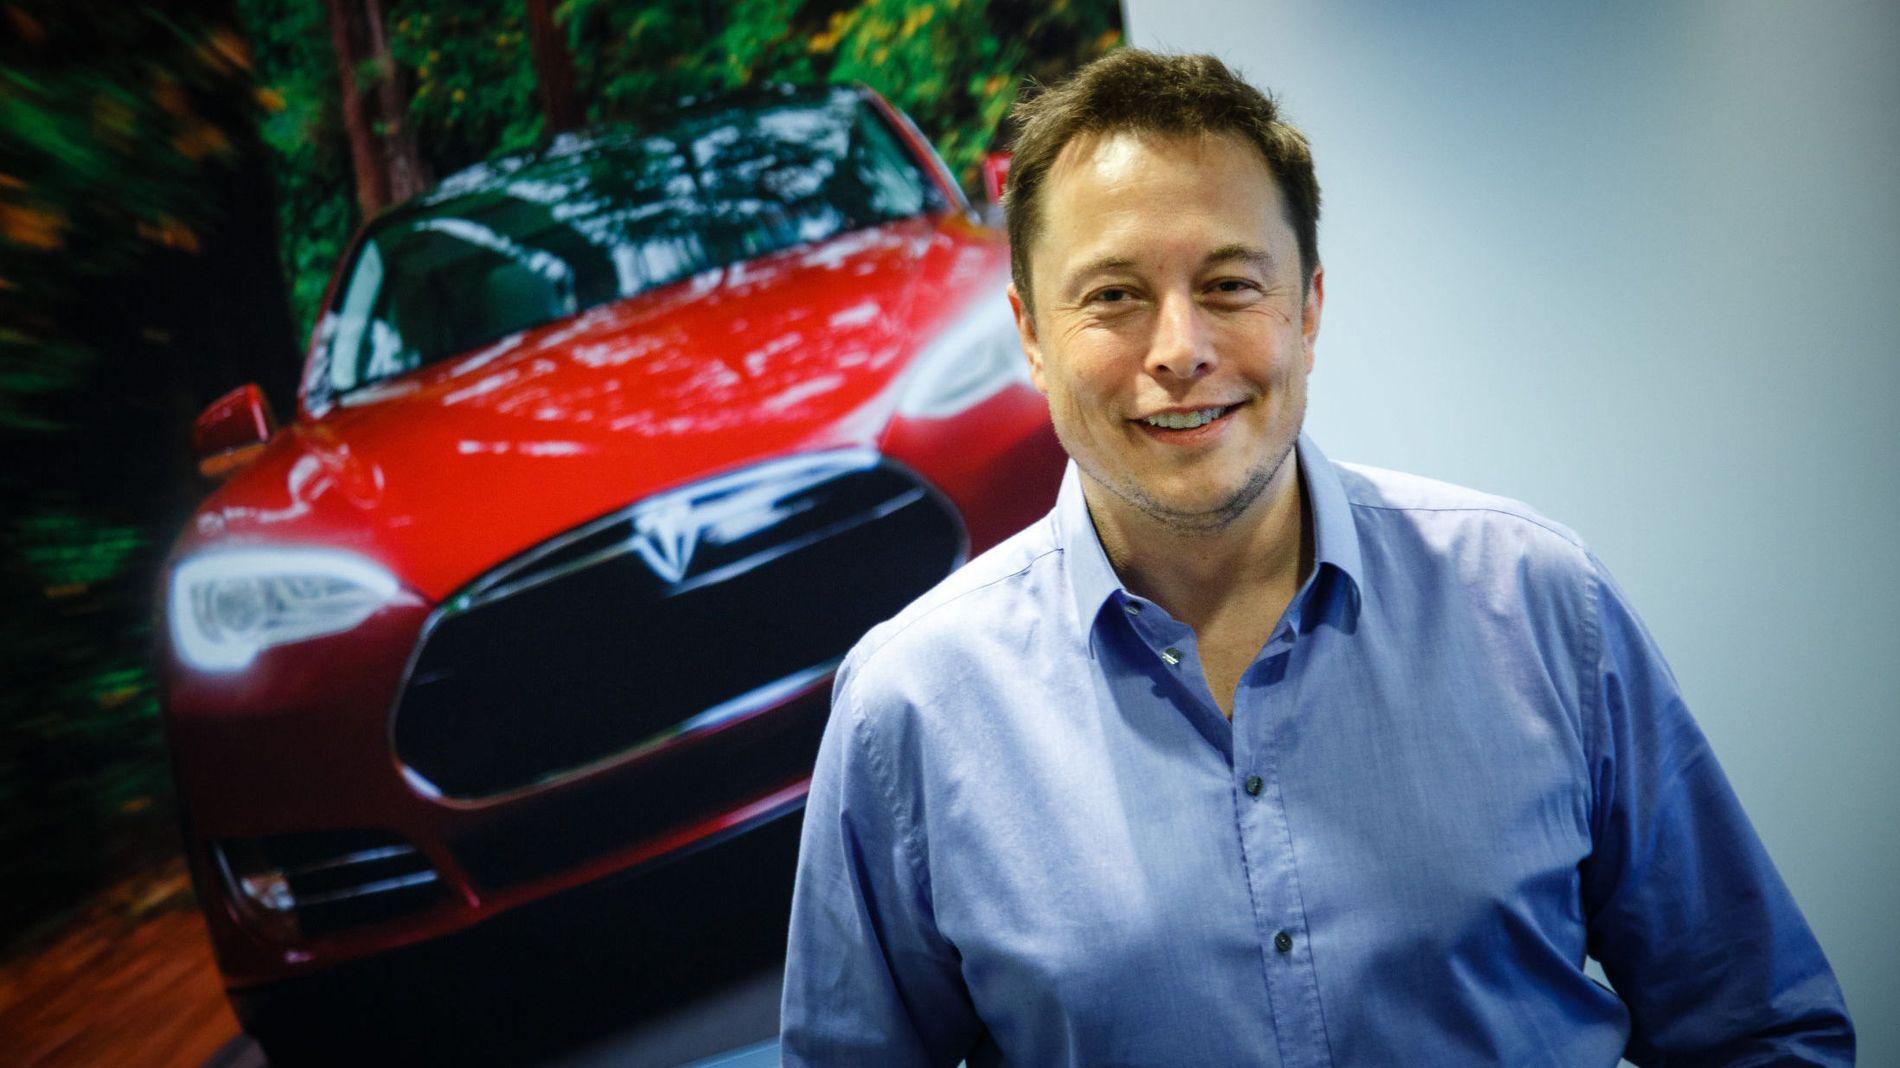 IKKE SKREMT: Tesla-sjef Elon Musk fortalte om elbilsuksessen til verdens oljeelite under ONS denne uken, uten at det skremte noen.